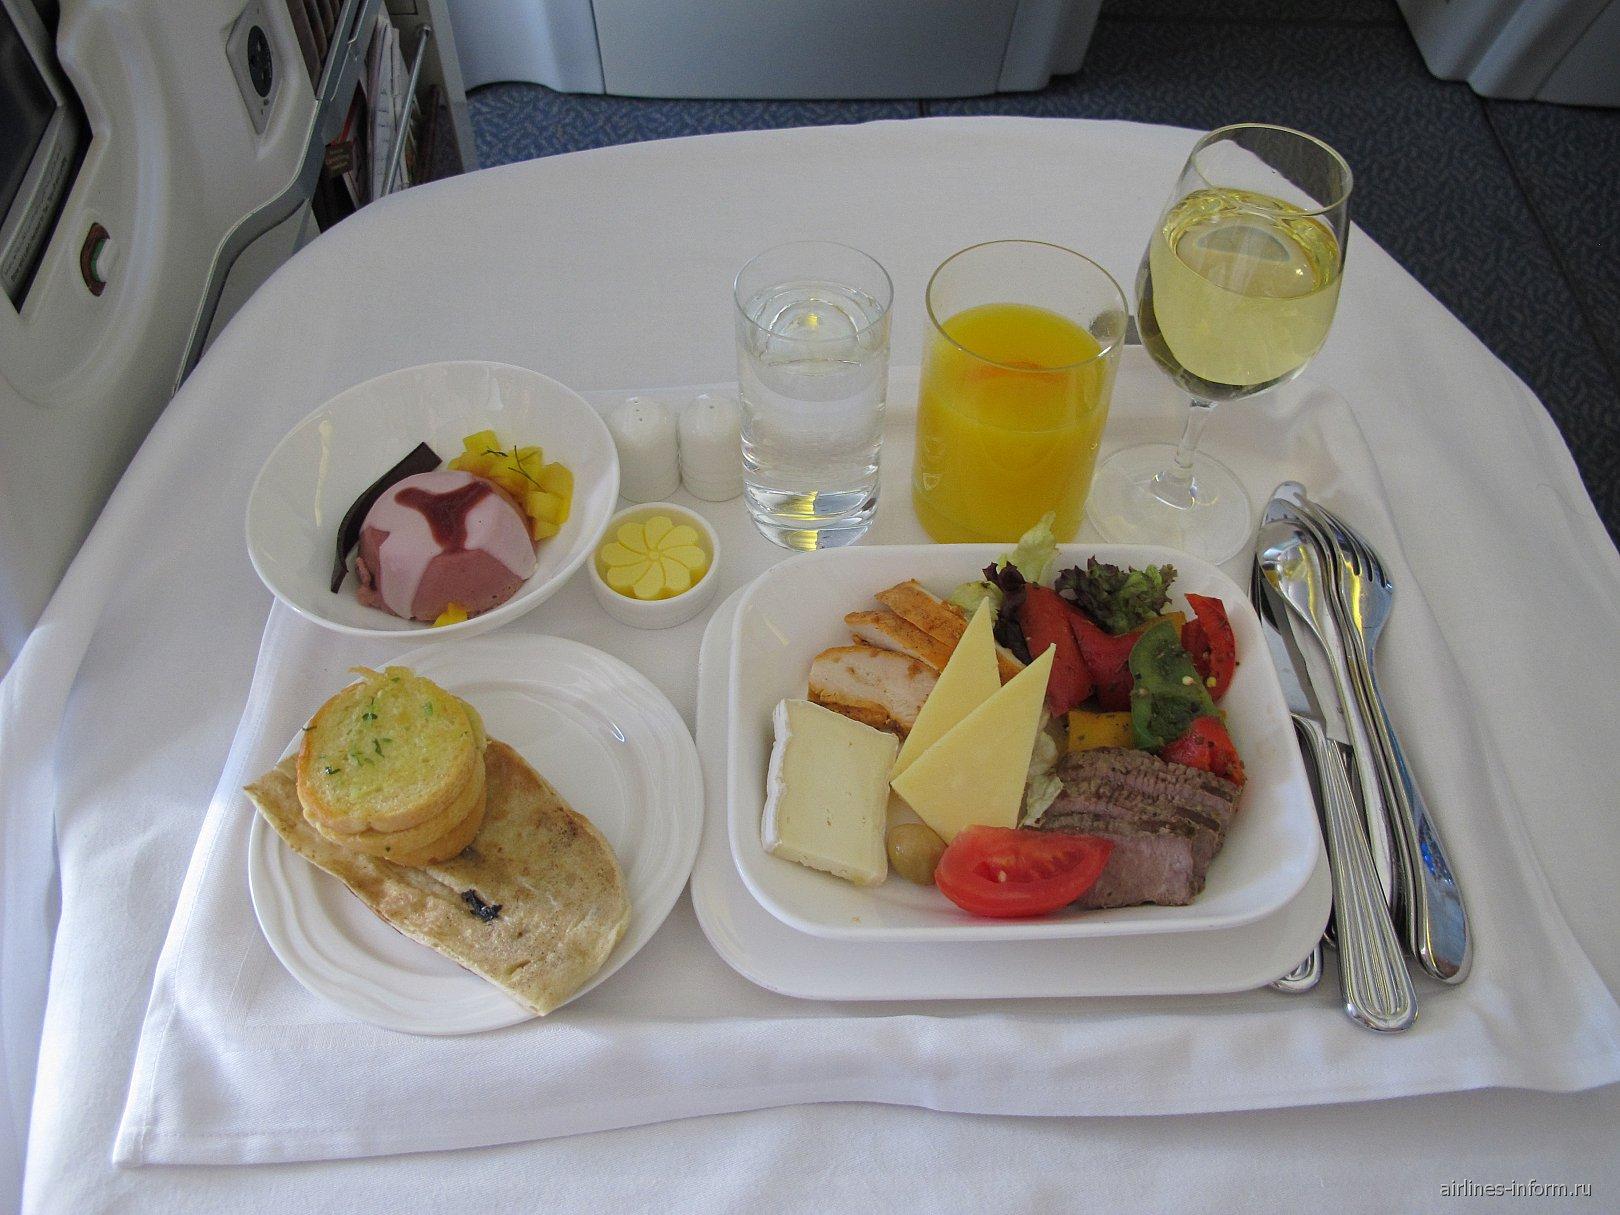 Питание бизнес-класса на рейсе авиакомпании Эмирейтс Мале-Коломбо